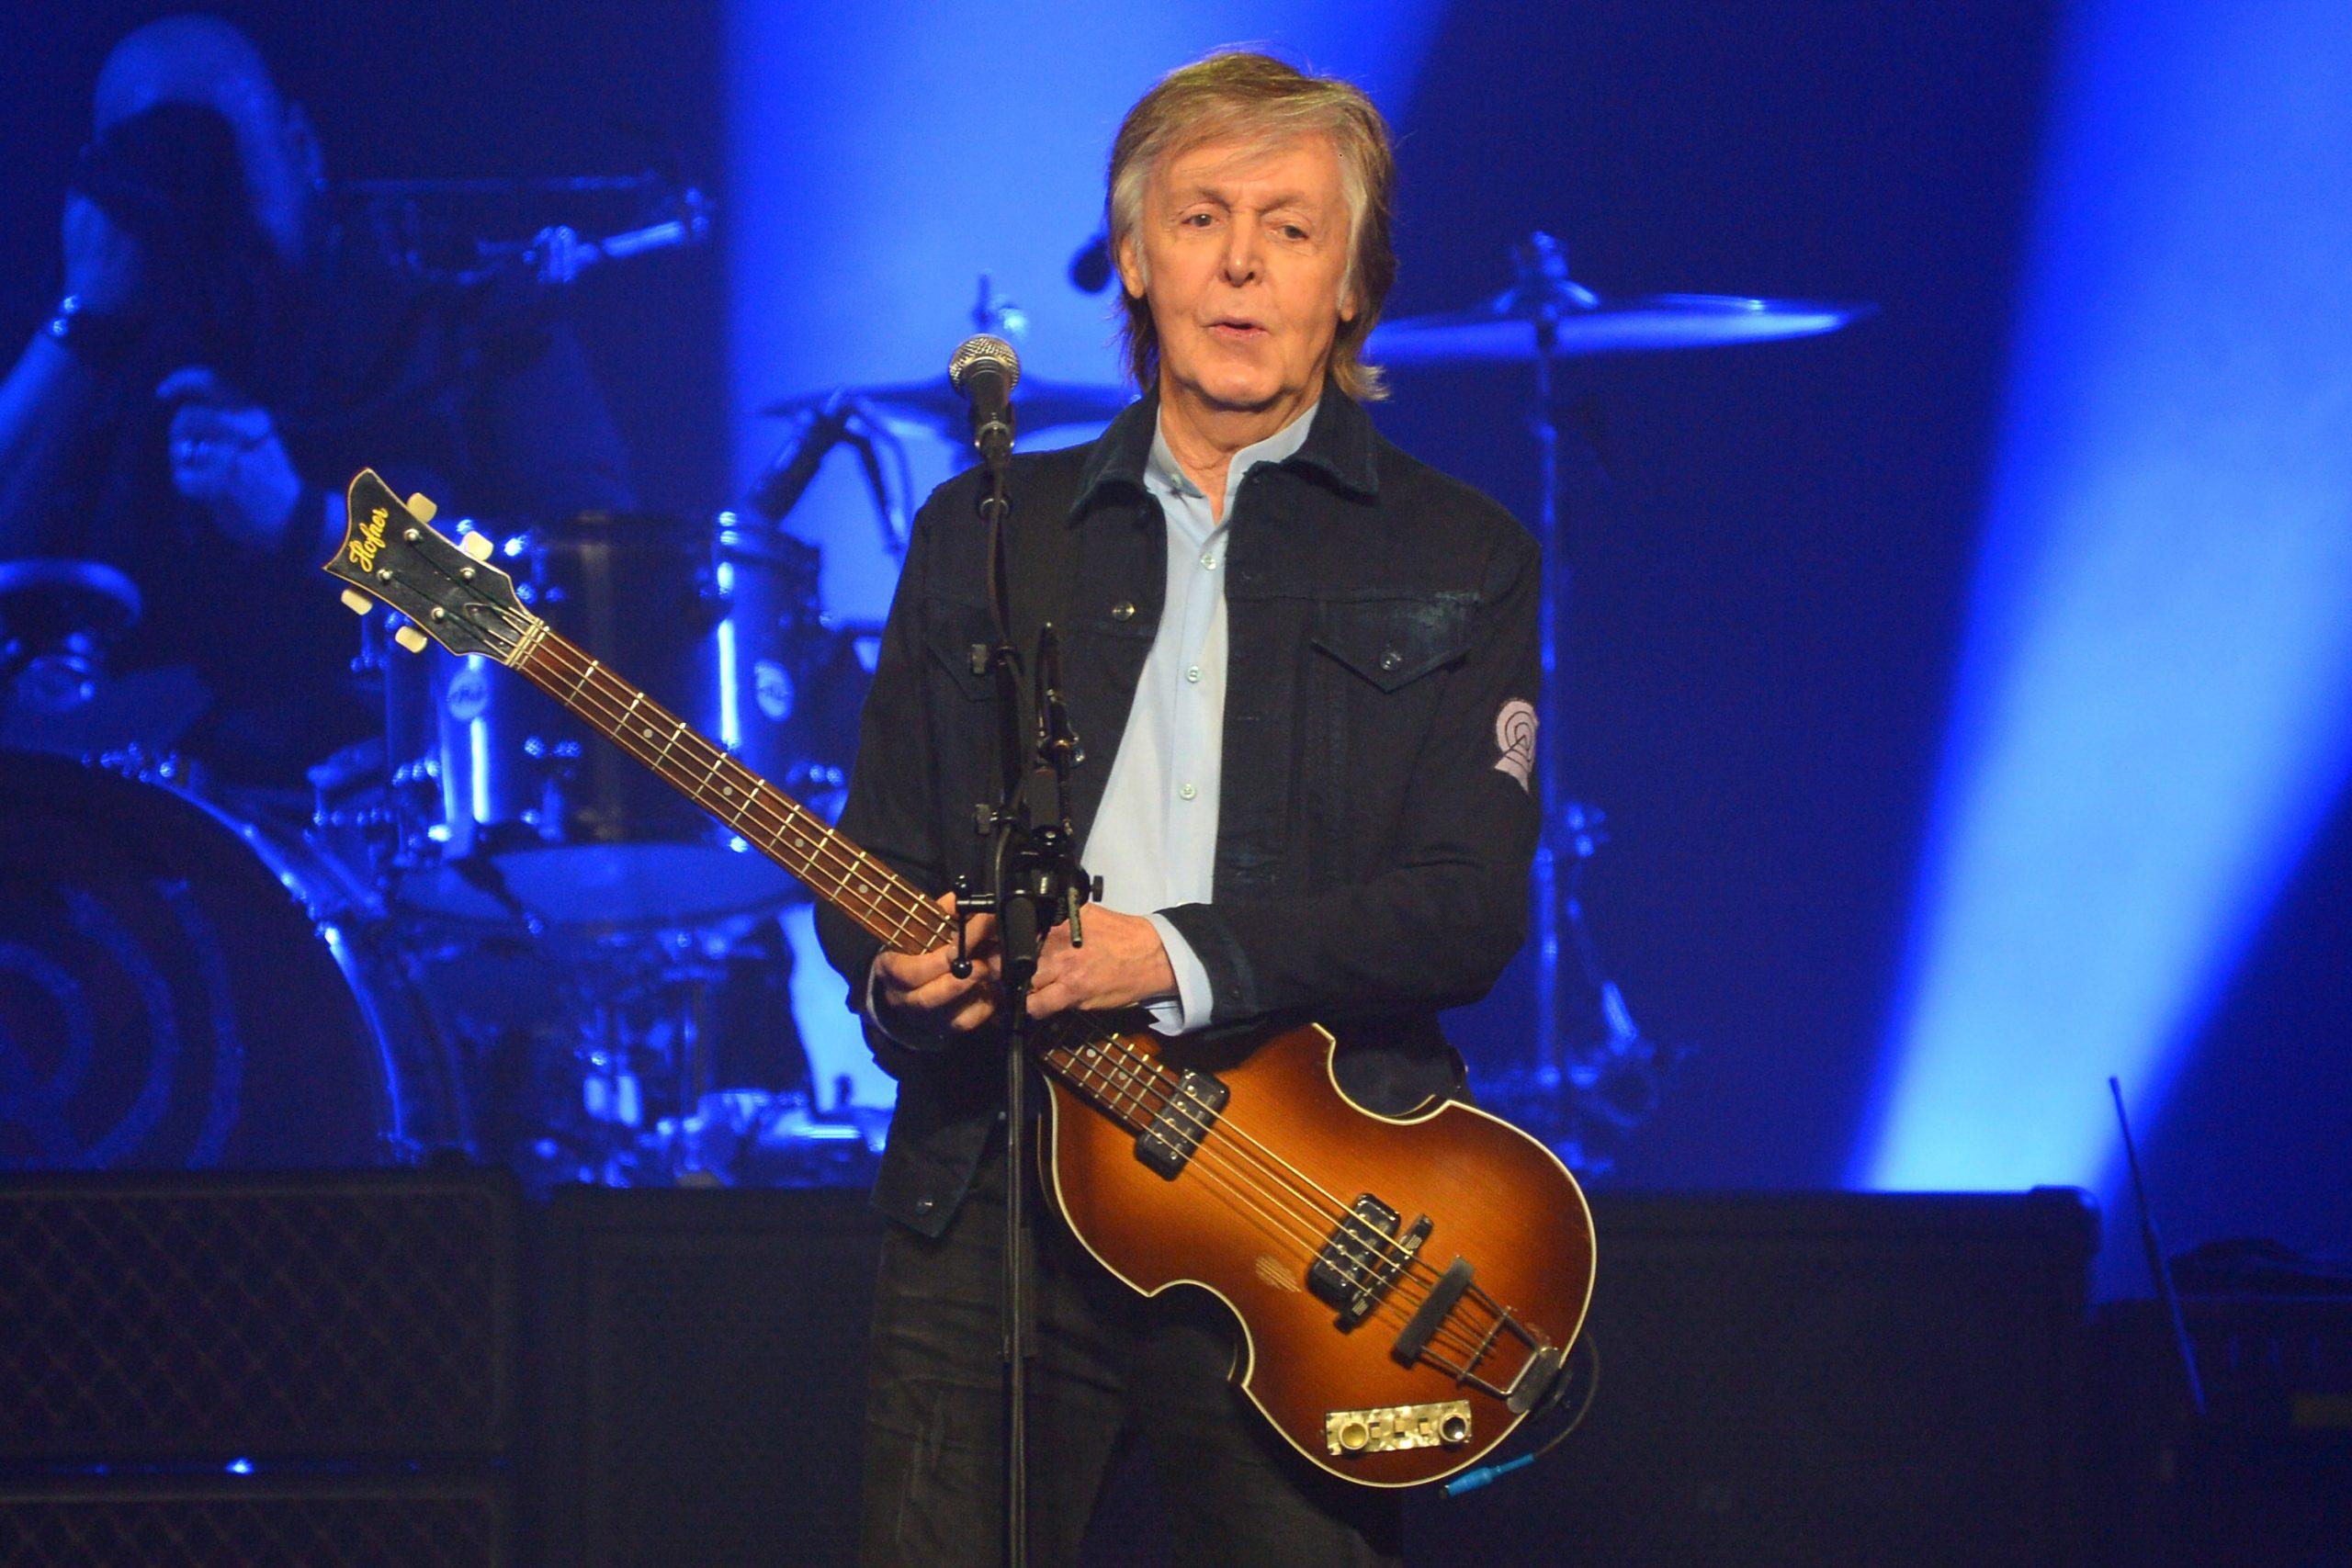 Estas son las 10 mejores canciones de Paul McCartney (como solista)